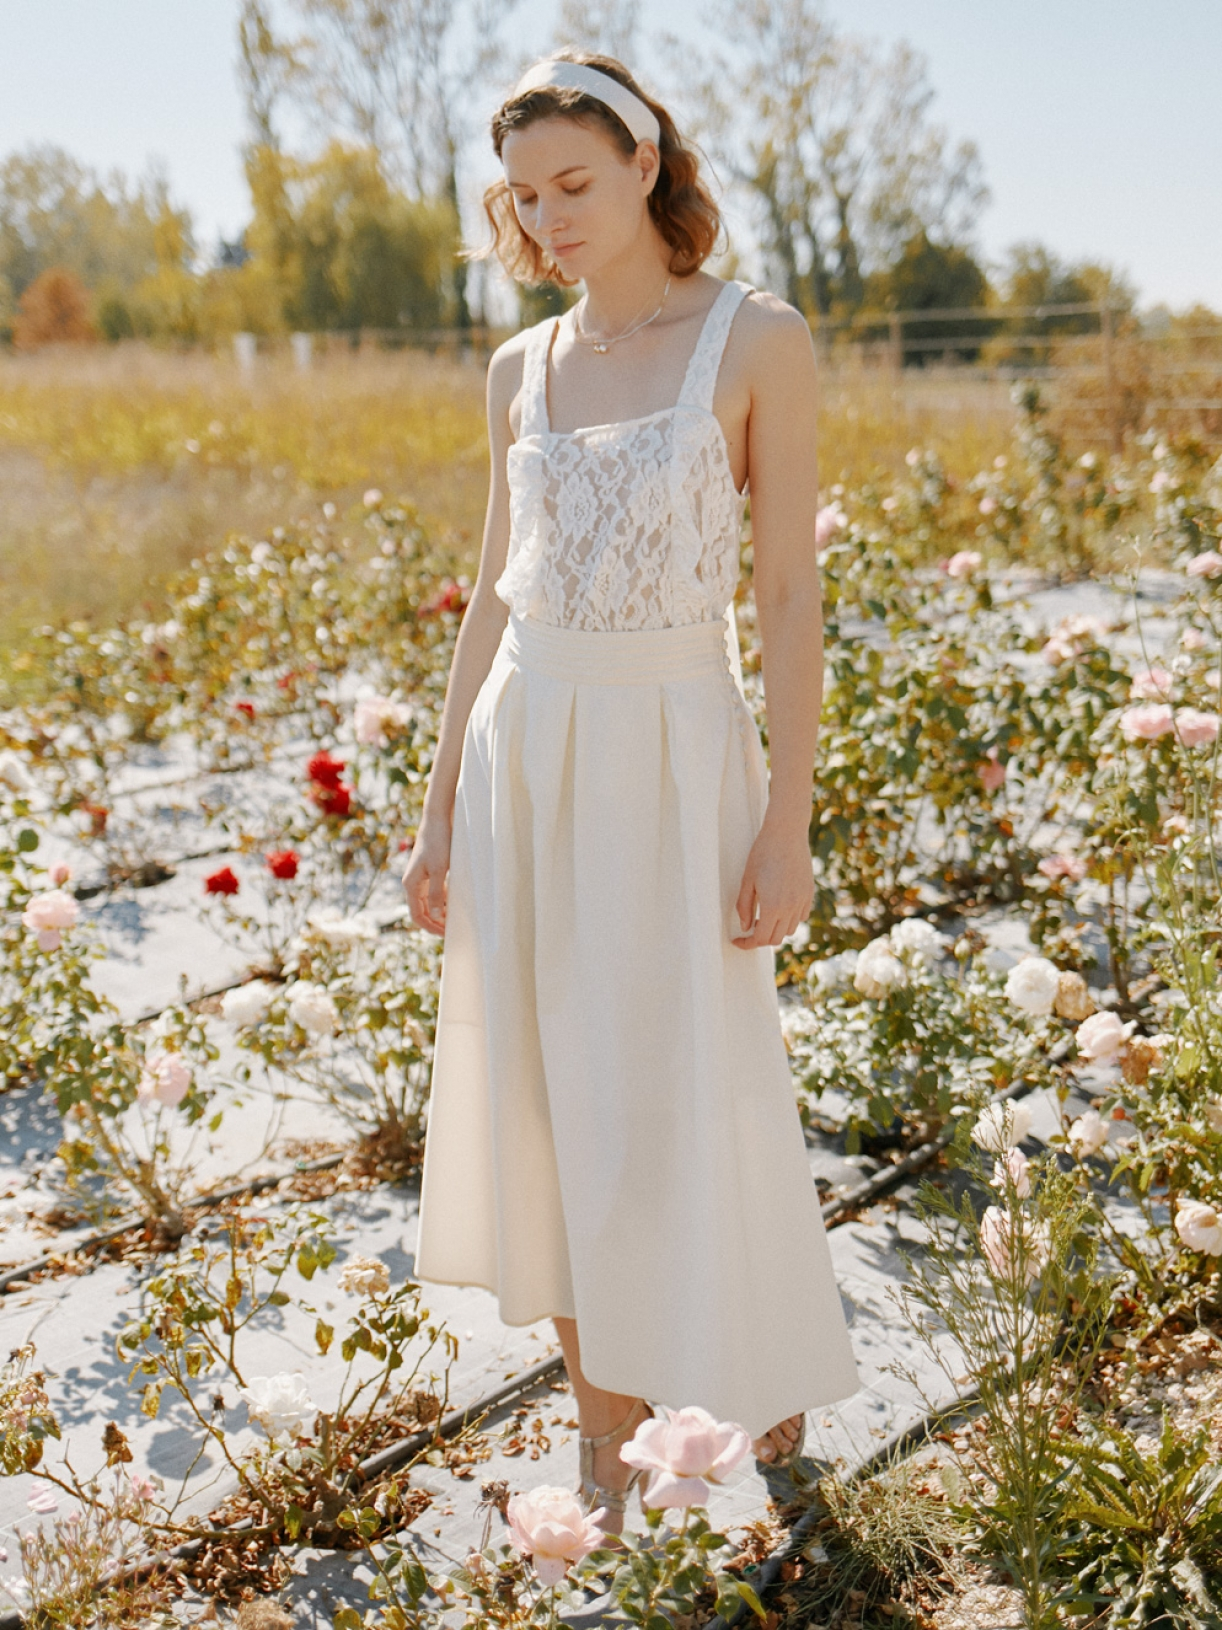 LILA - Robe de mariée créateur et sur-mesure pas cher a Paris - Myphilosophy